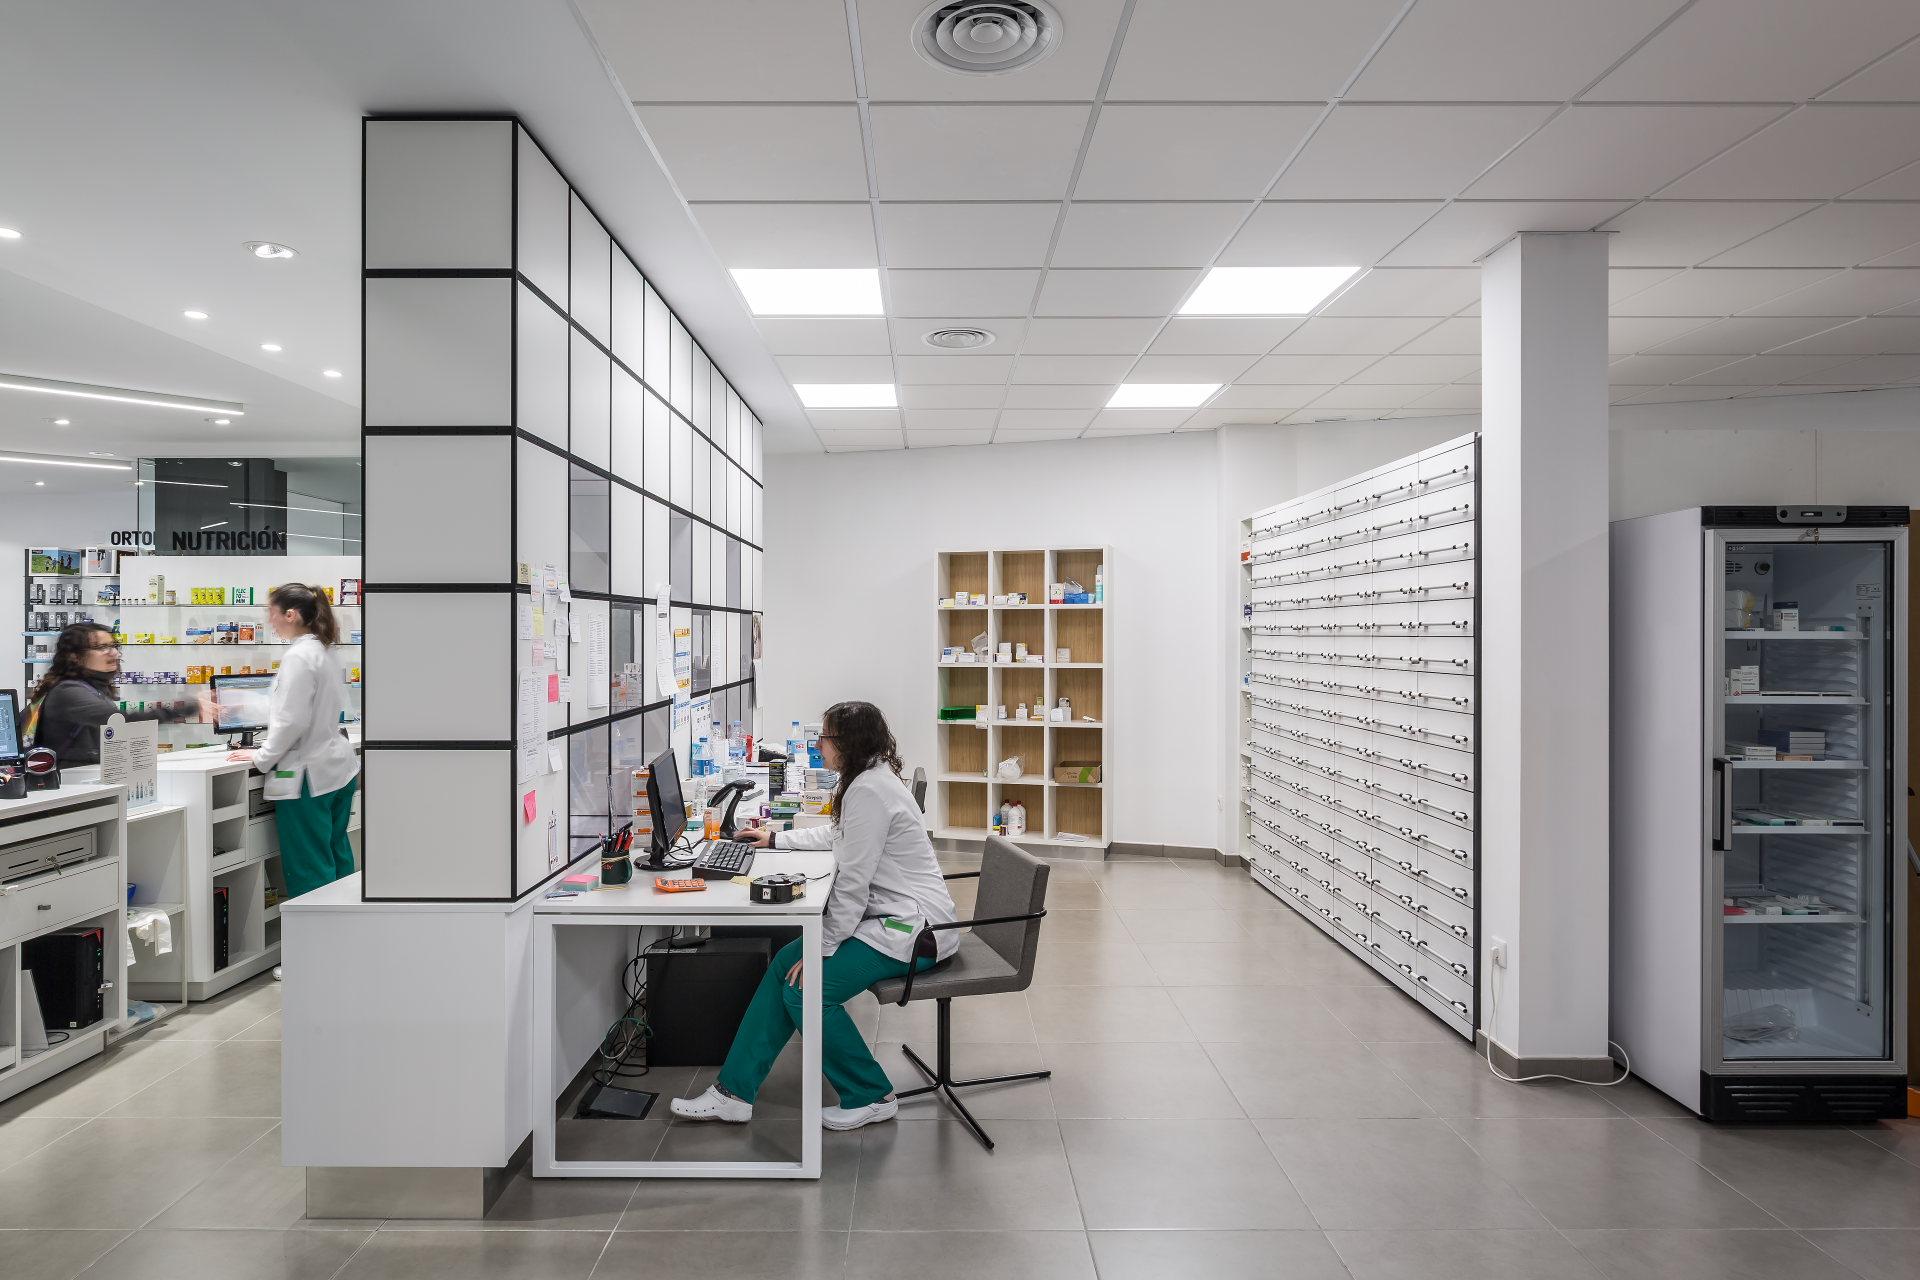 fotografia-arquitectura-valencia-german-cabo-d'estudio-farmacia-sud-picassent (18)